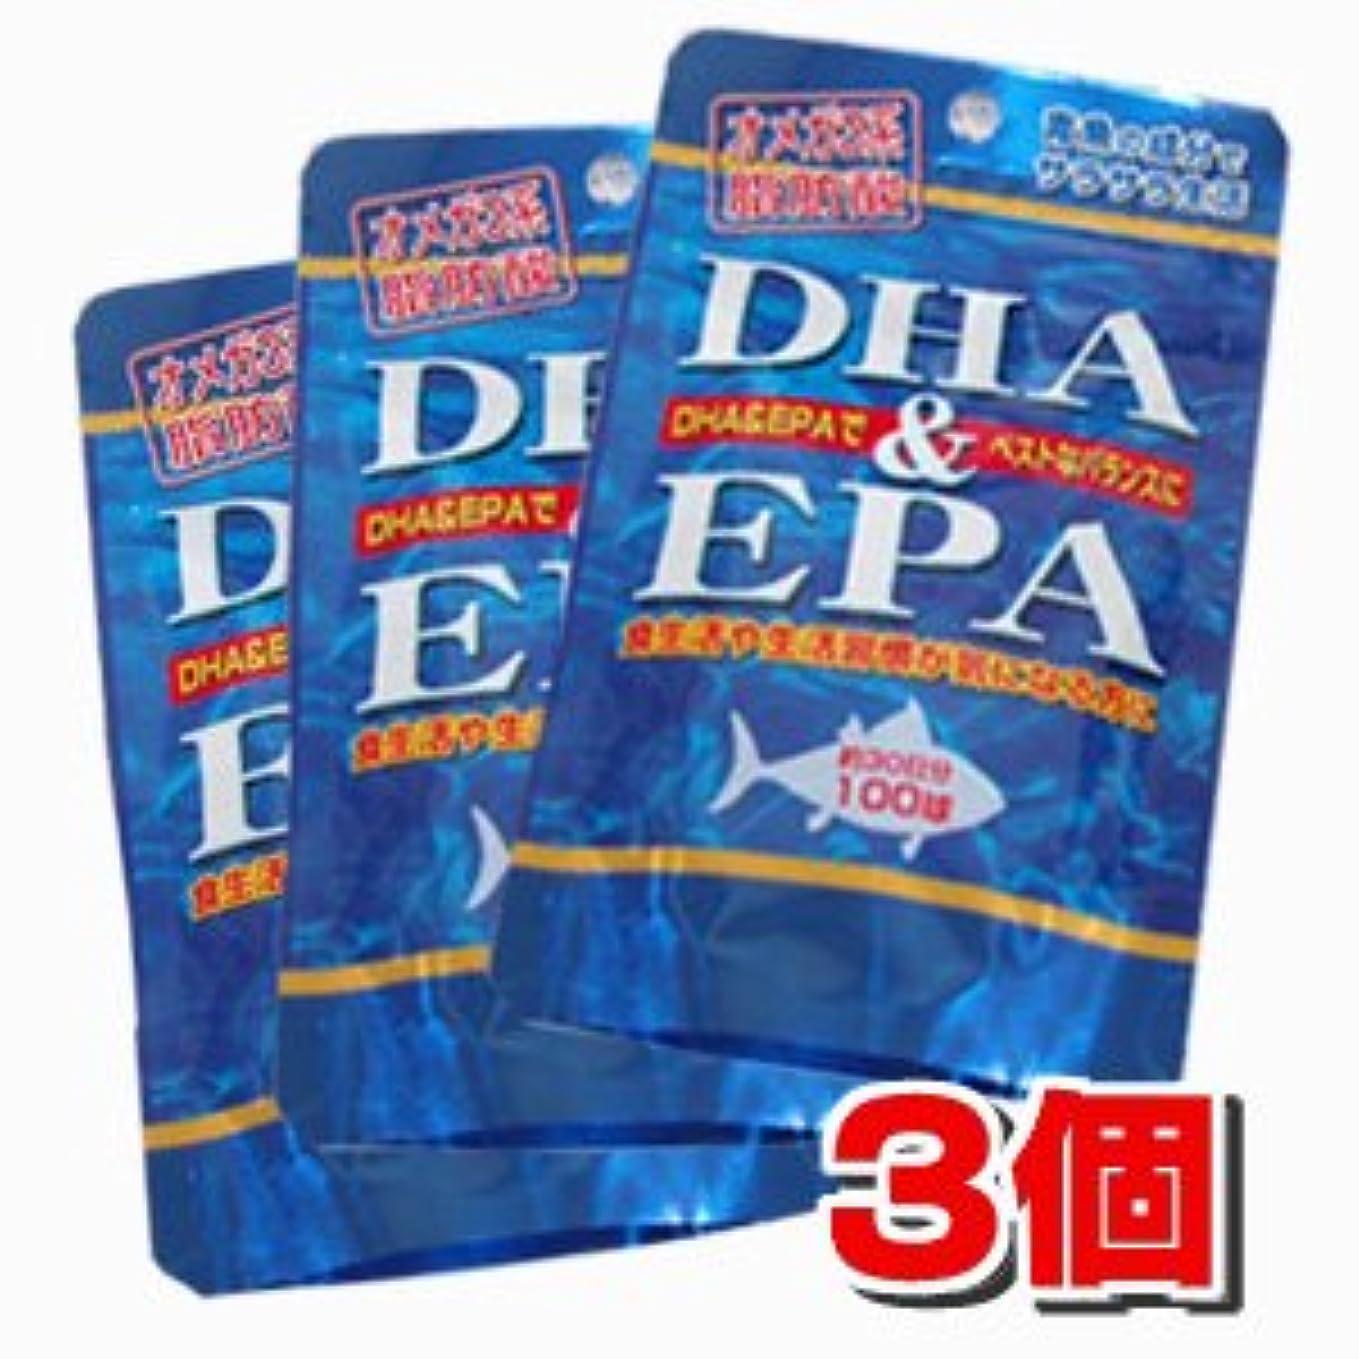 スープフリースタヒチDHA(ドコサヘキサエン酸)&EPA(エイコサペンタエン酸)